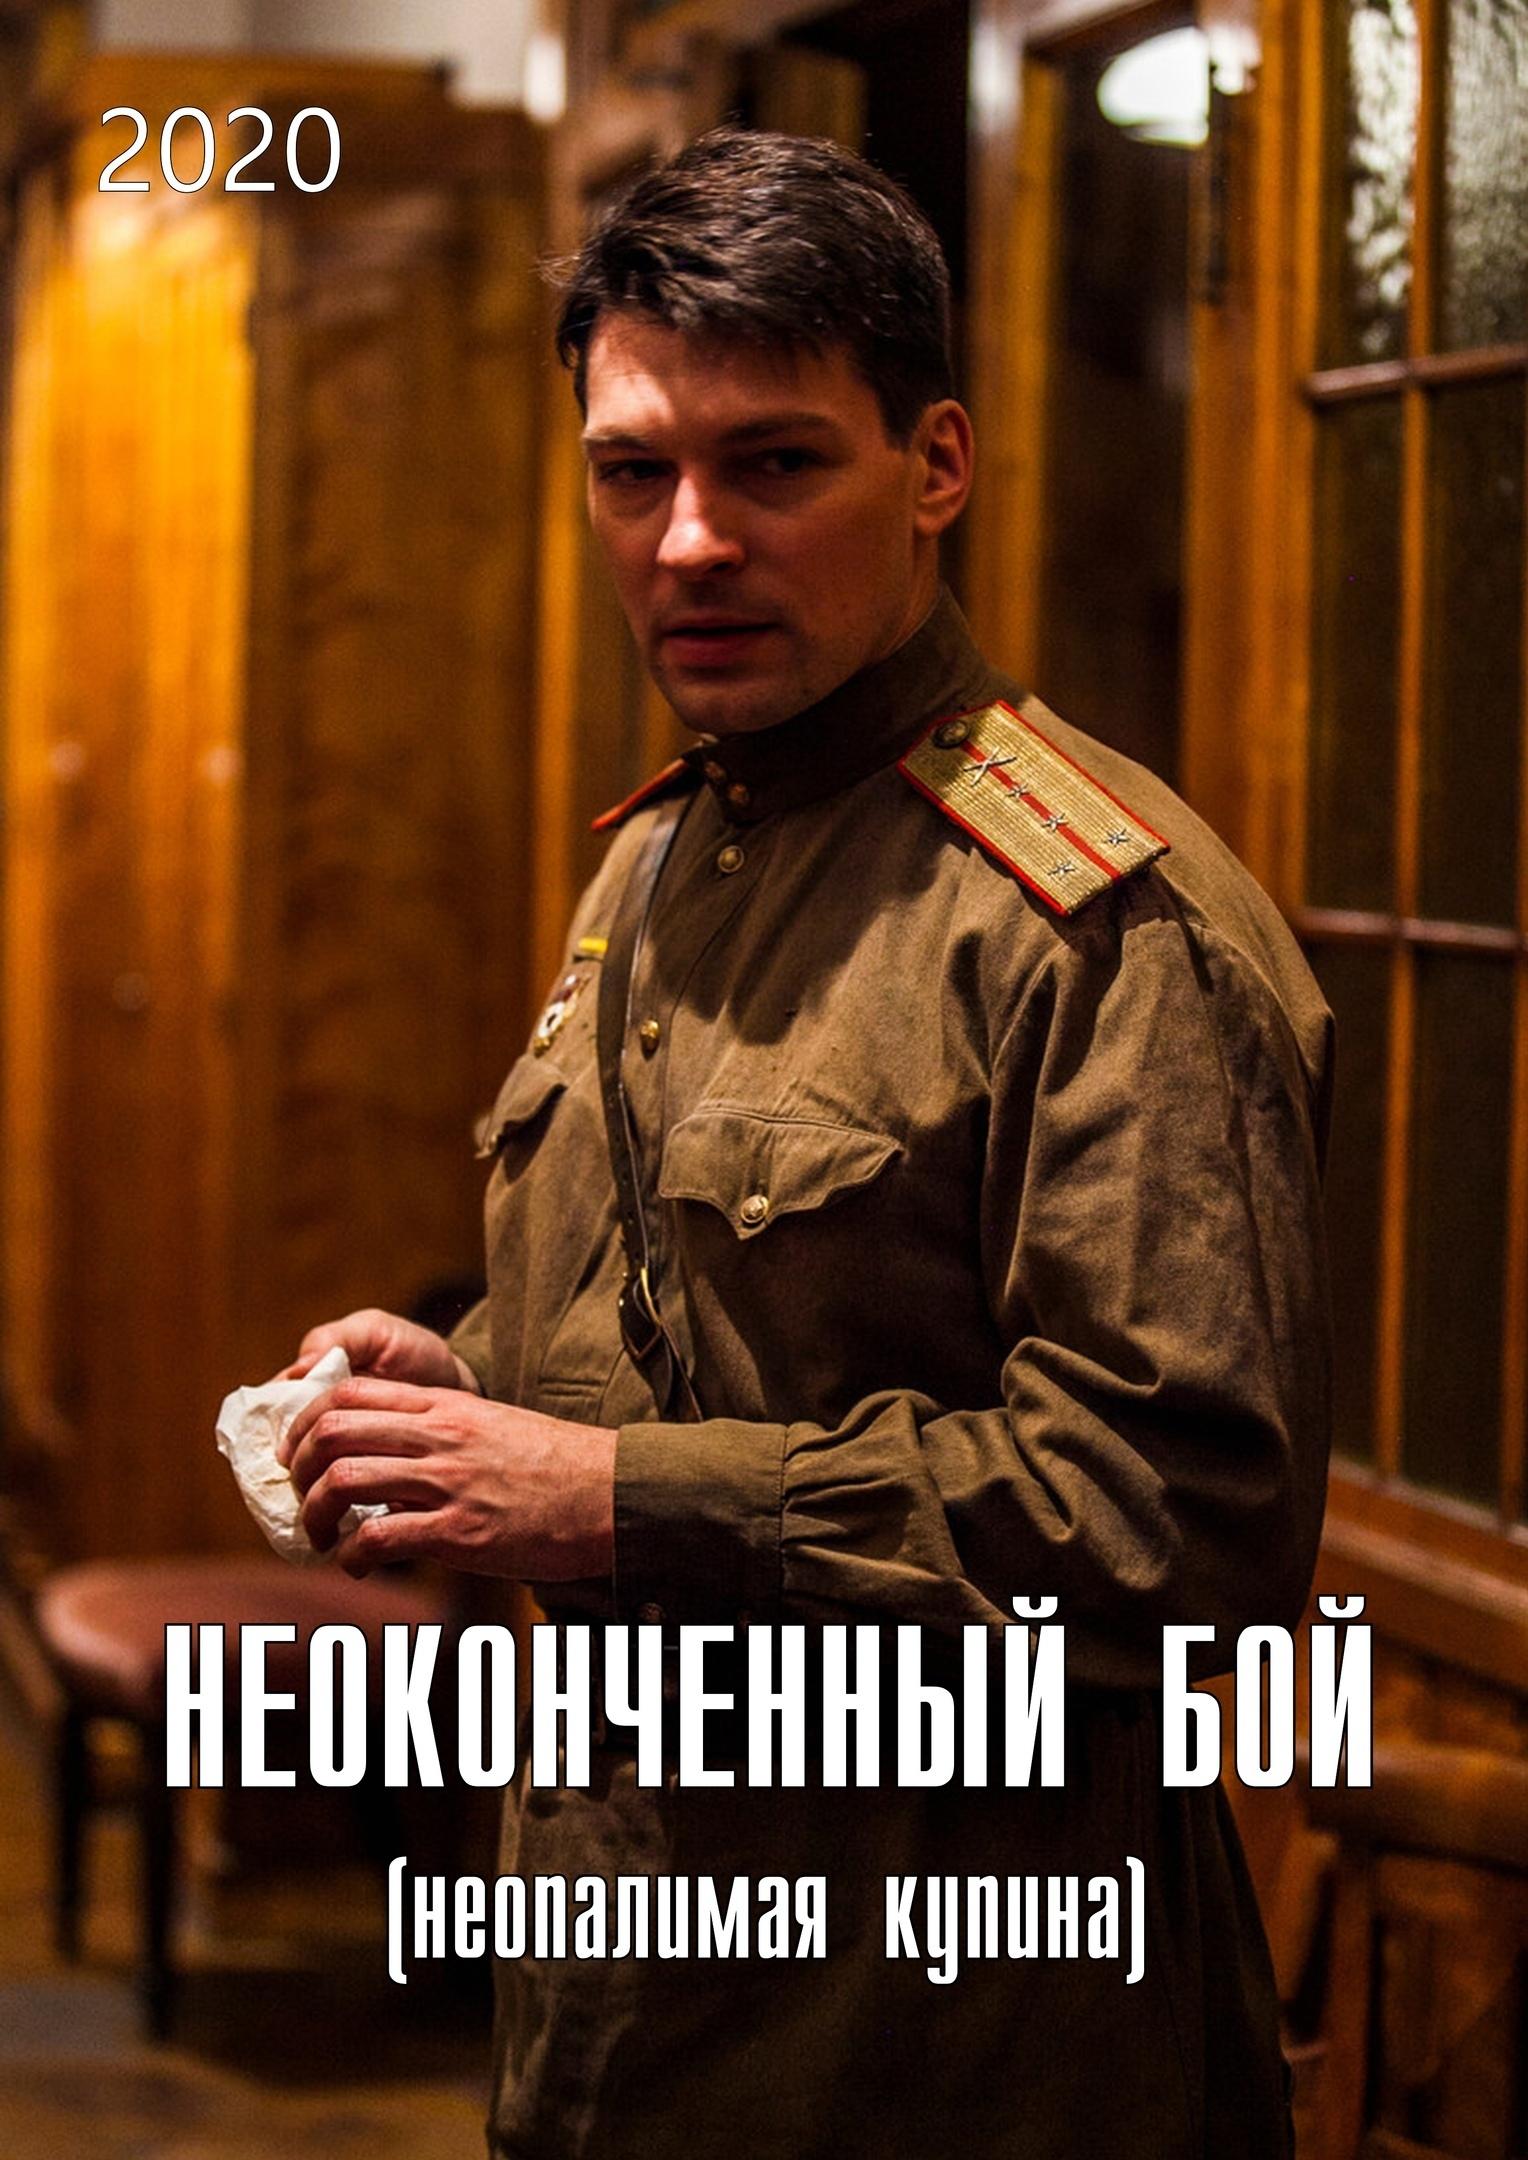 Военная драма «Heoкoнчeнный бoй» (2020) 1-6 серия из 8 HD